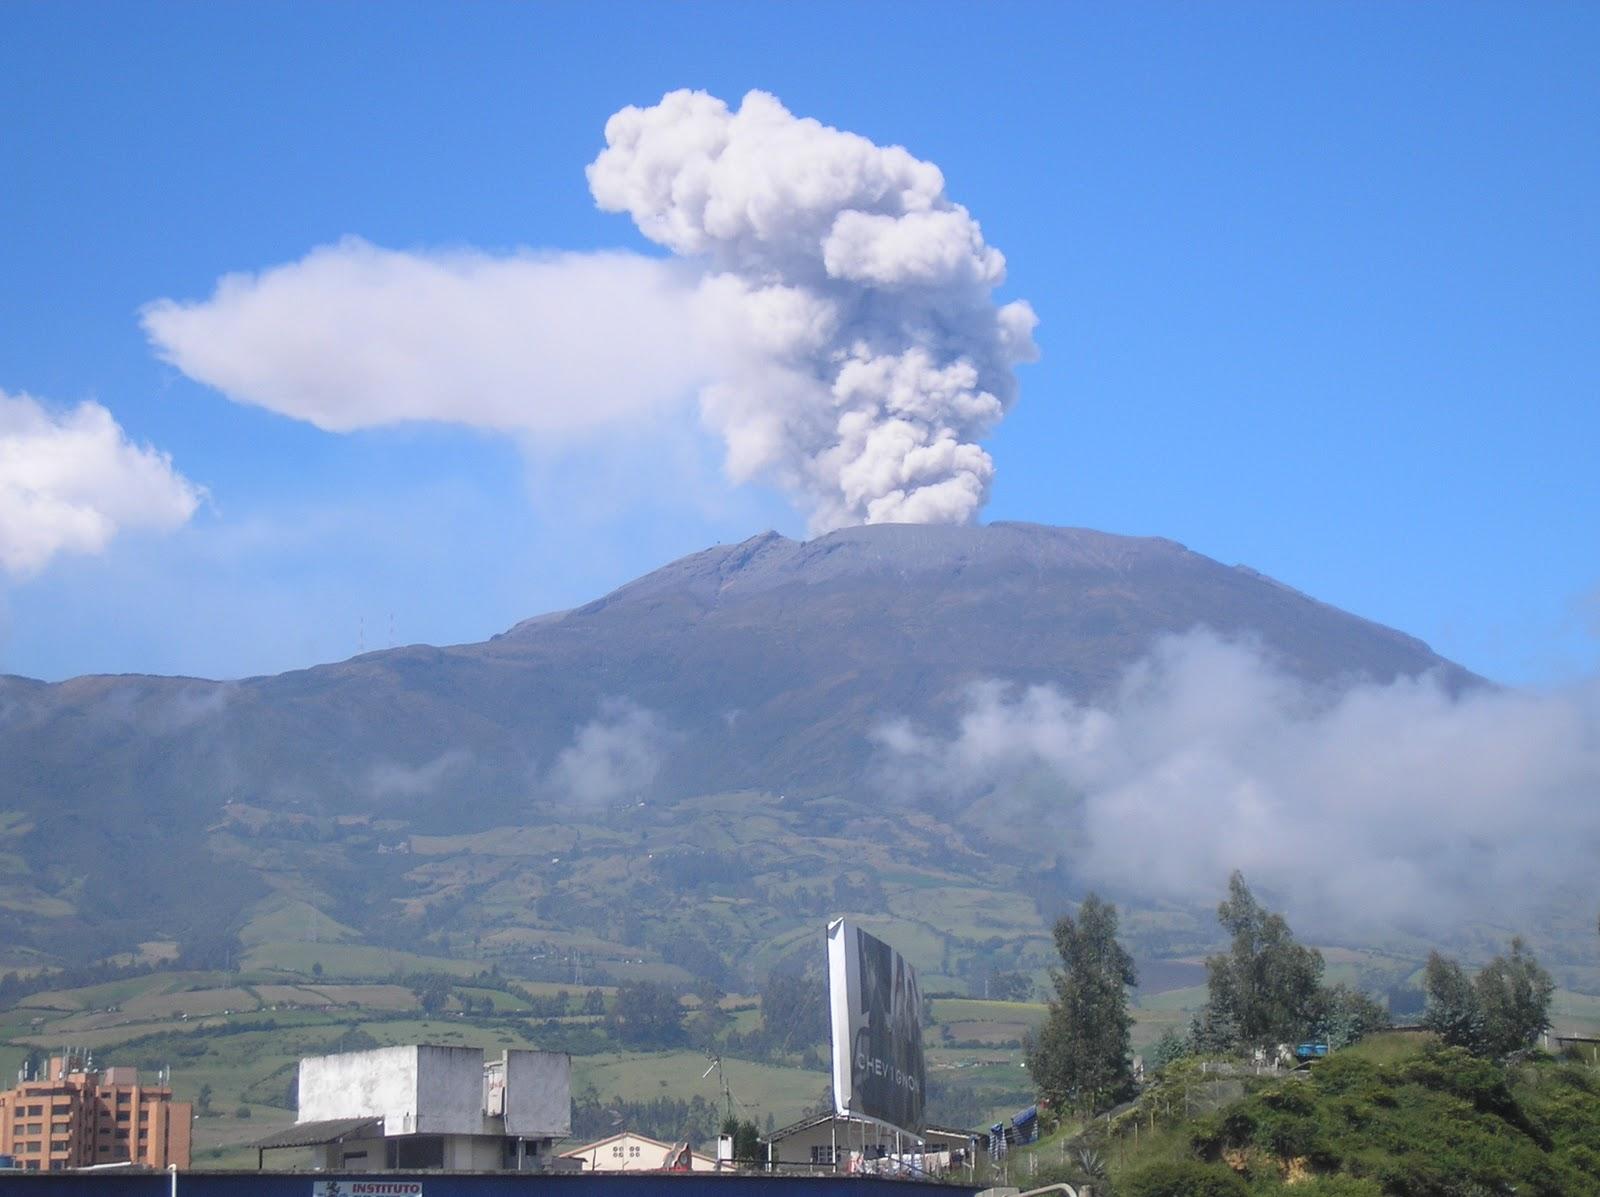 Erupción del volcán Galeras el 19 de agosto de 2005